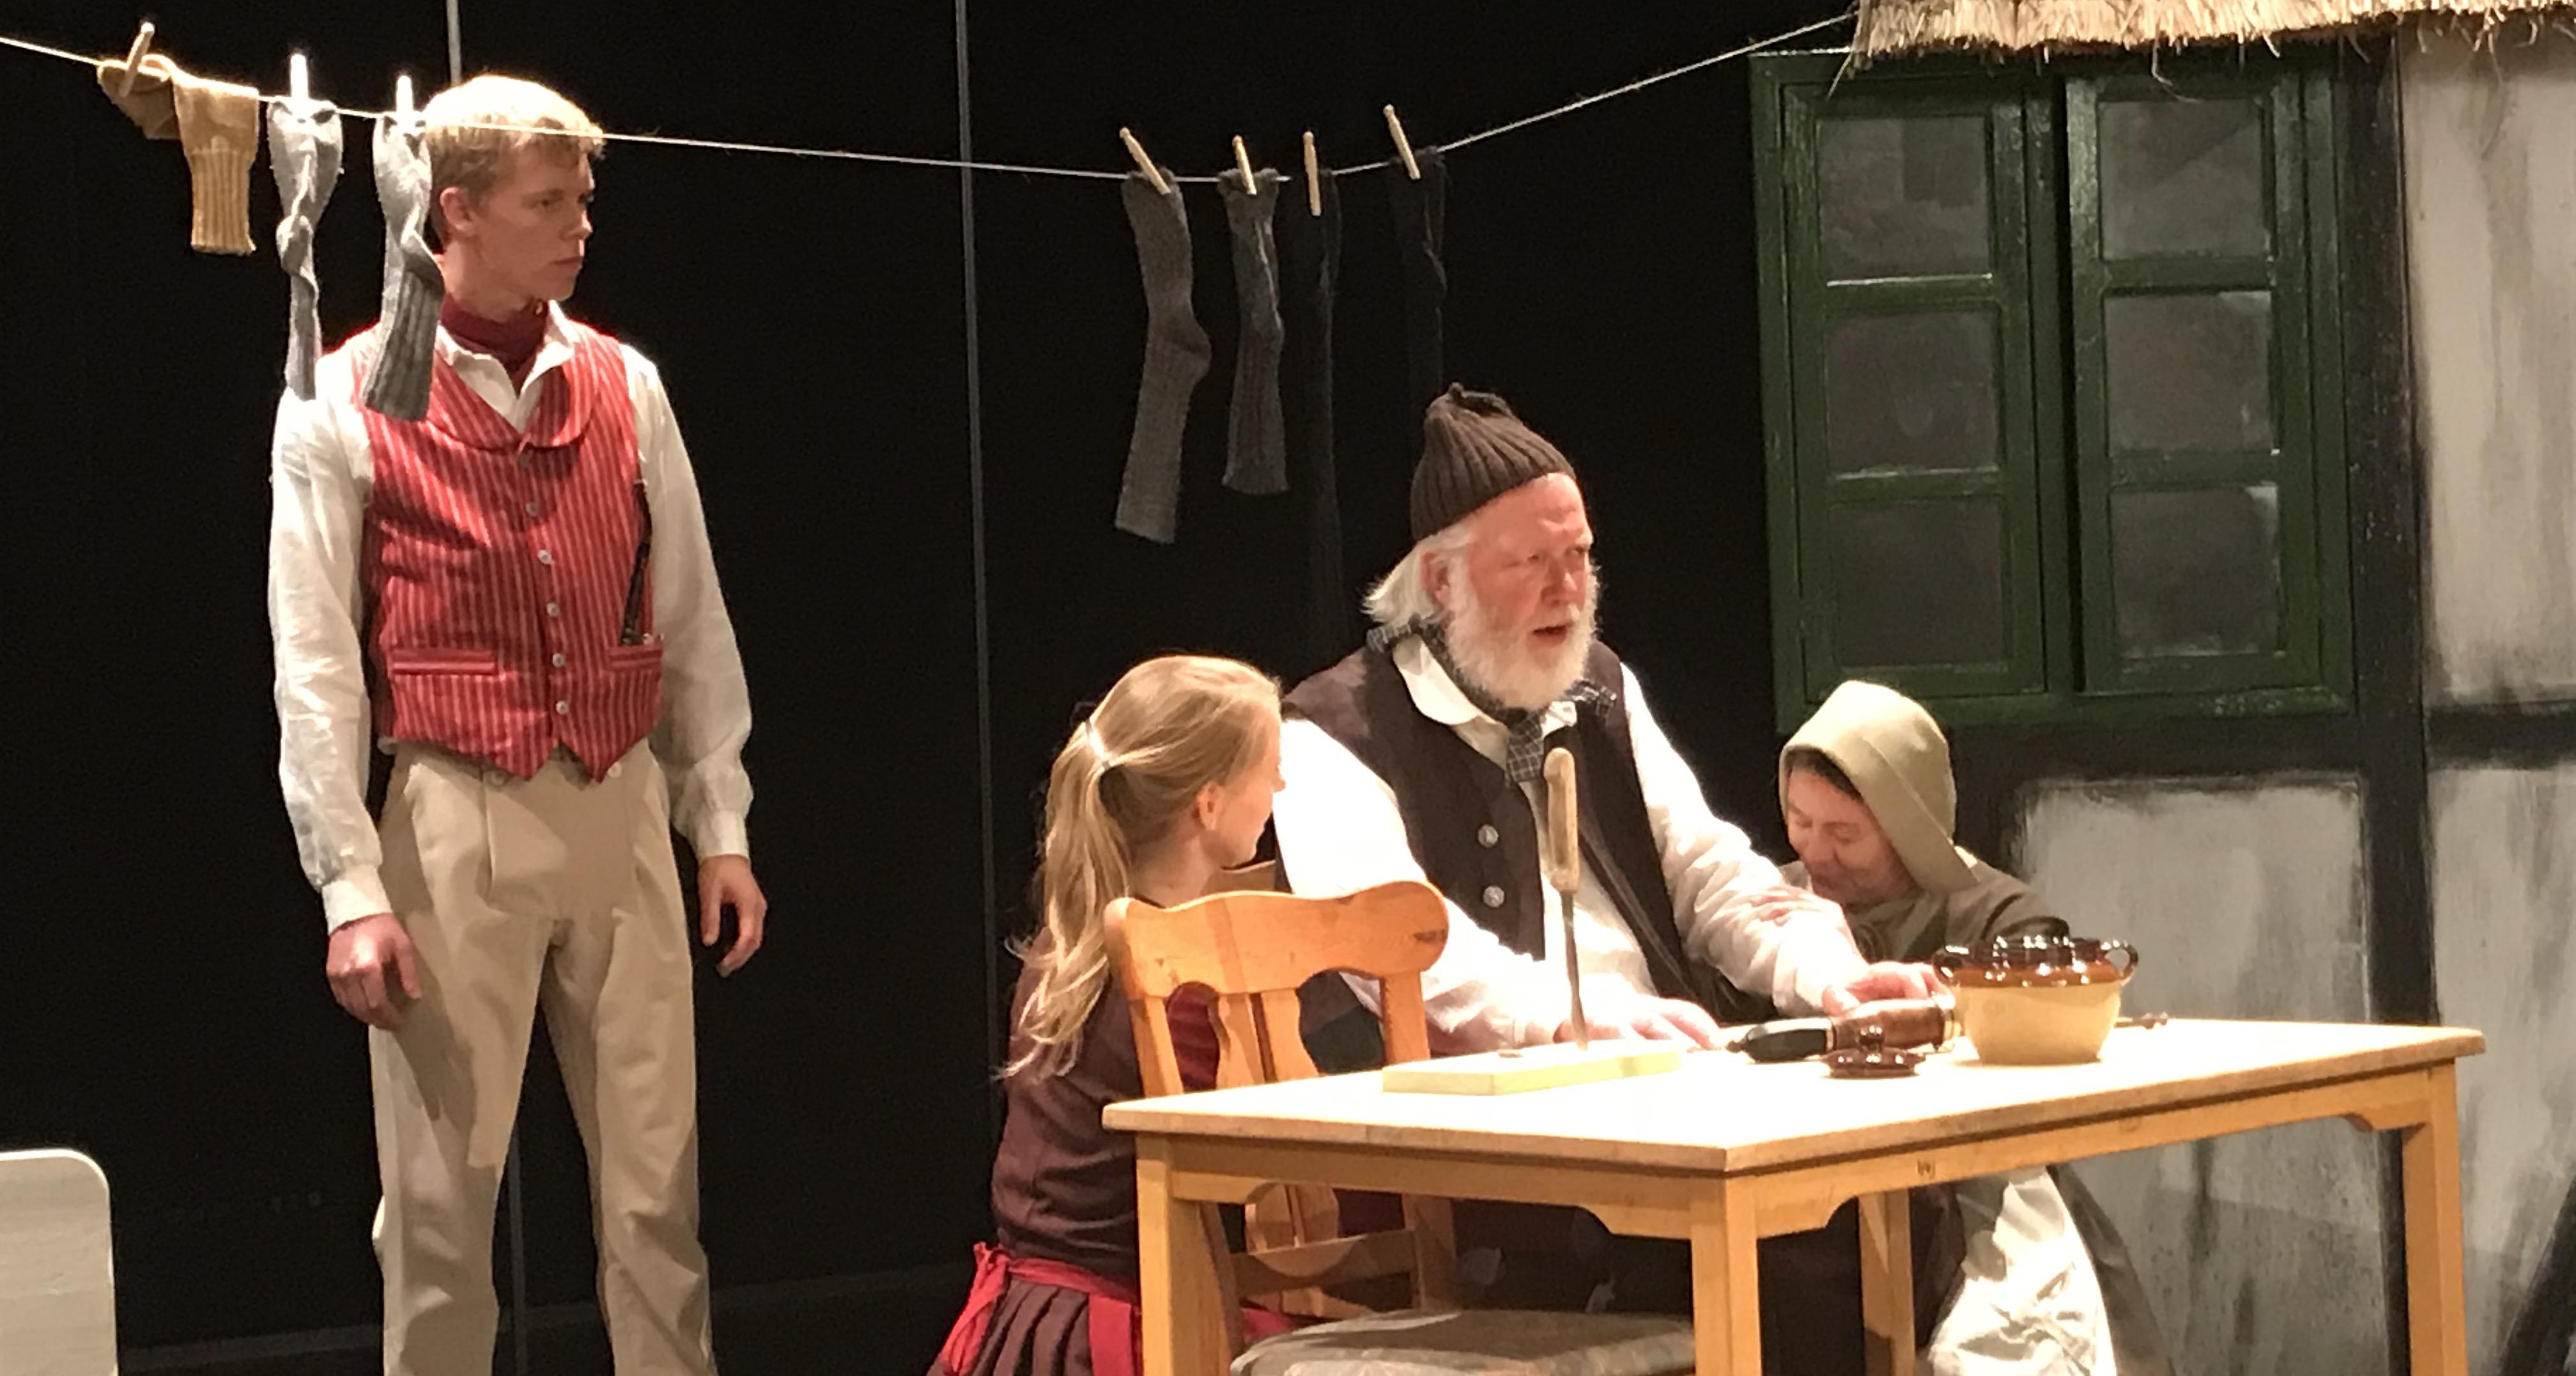 Daniel Kjær Holmberg spiller unge Esben der elsker Cecil, hosekræmmerens datter. Her øver han sammen med Mette-Maria Øyen. Foto: Operaen i Midten